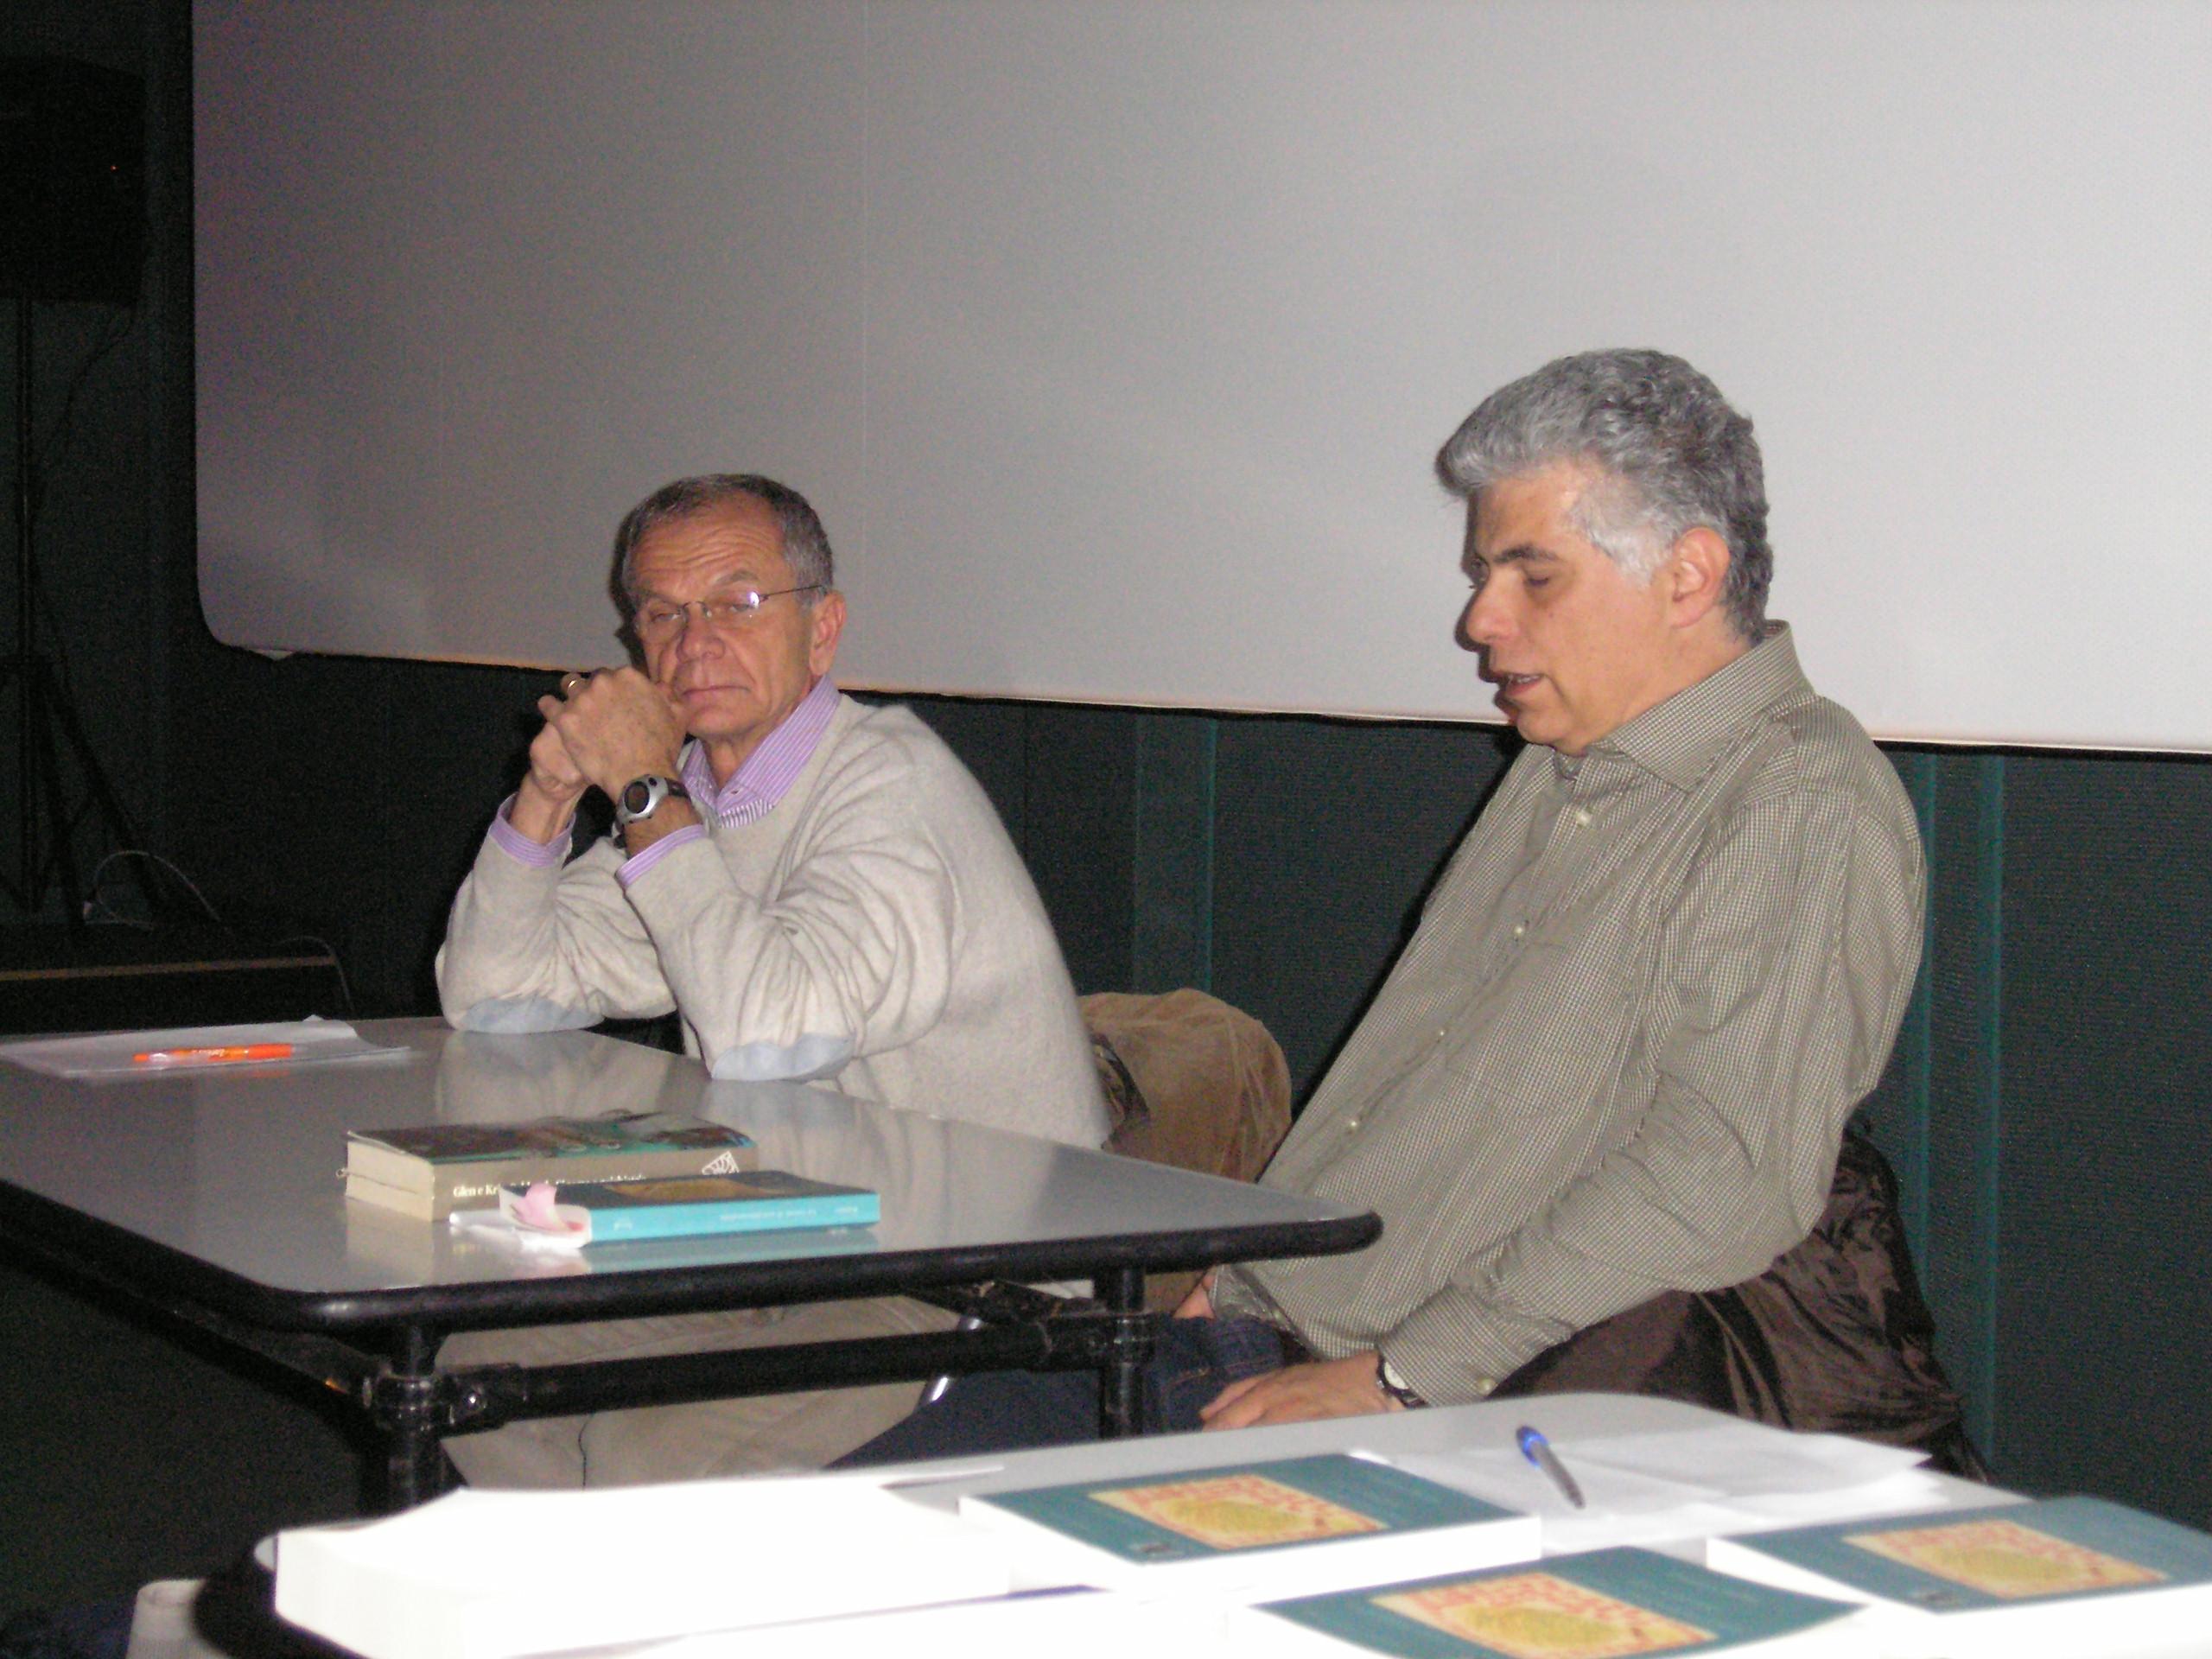 """Lezione                                                                                                    al Festival del Cinema Europeo del 2010 su """"Cinema e psicoanalisi"""":                                                                                                    G. Riefolo, G. Leo"""